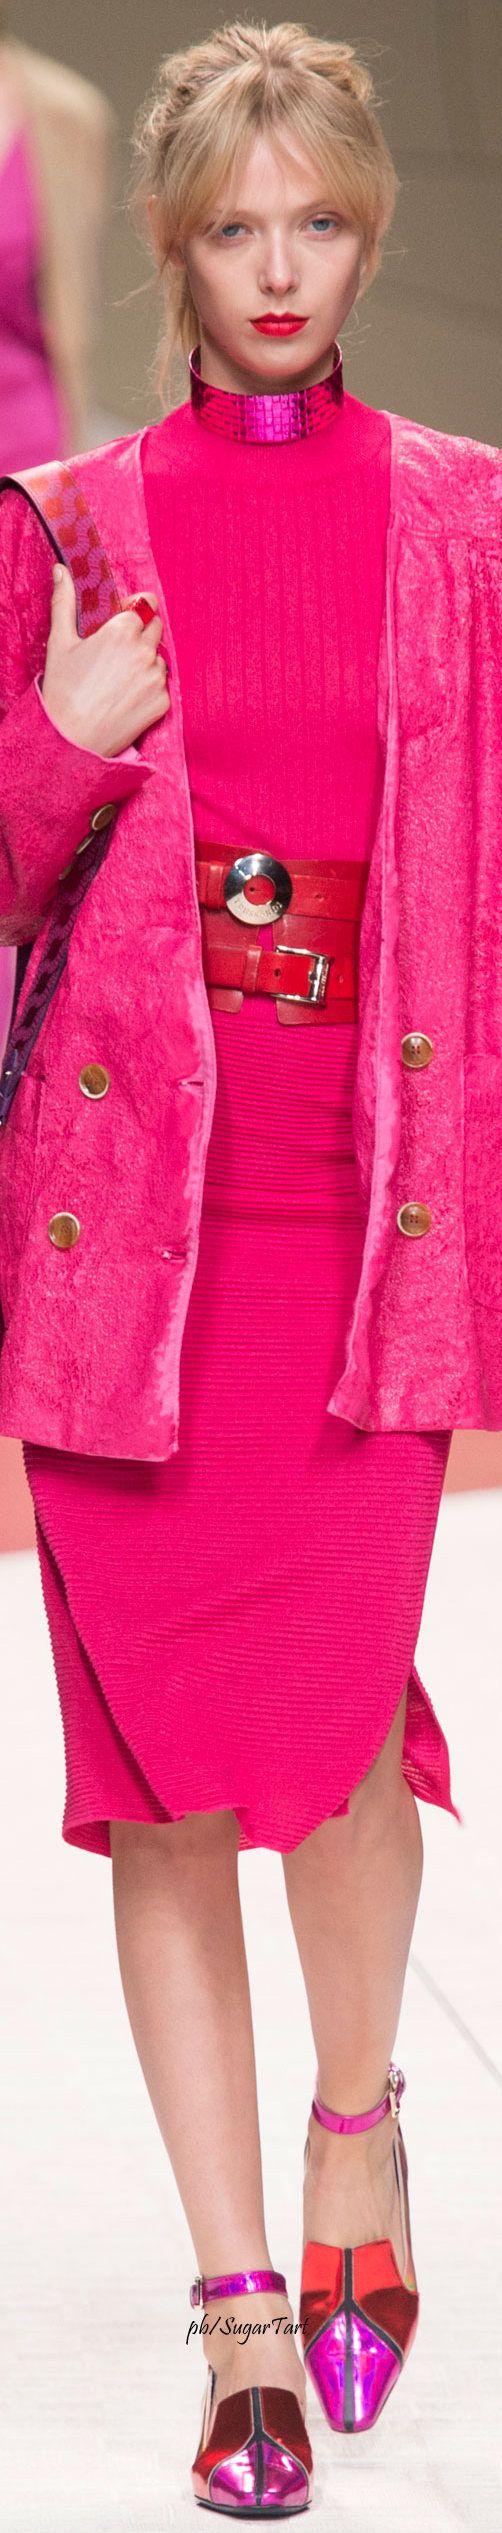 Lujo Vestido De Fiesta De Color Rosa Rubor Bandera - Ideas de ...